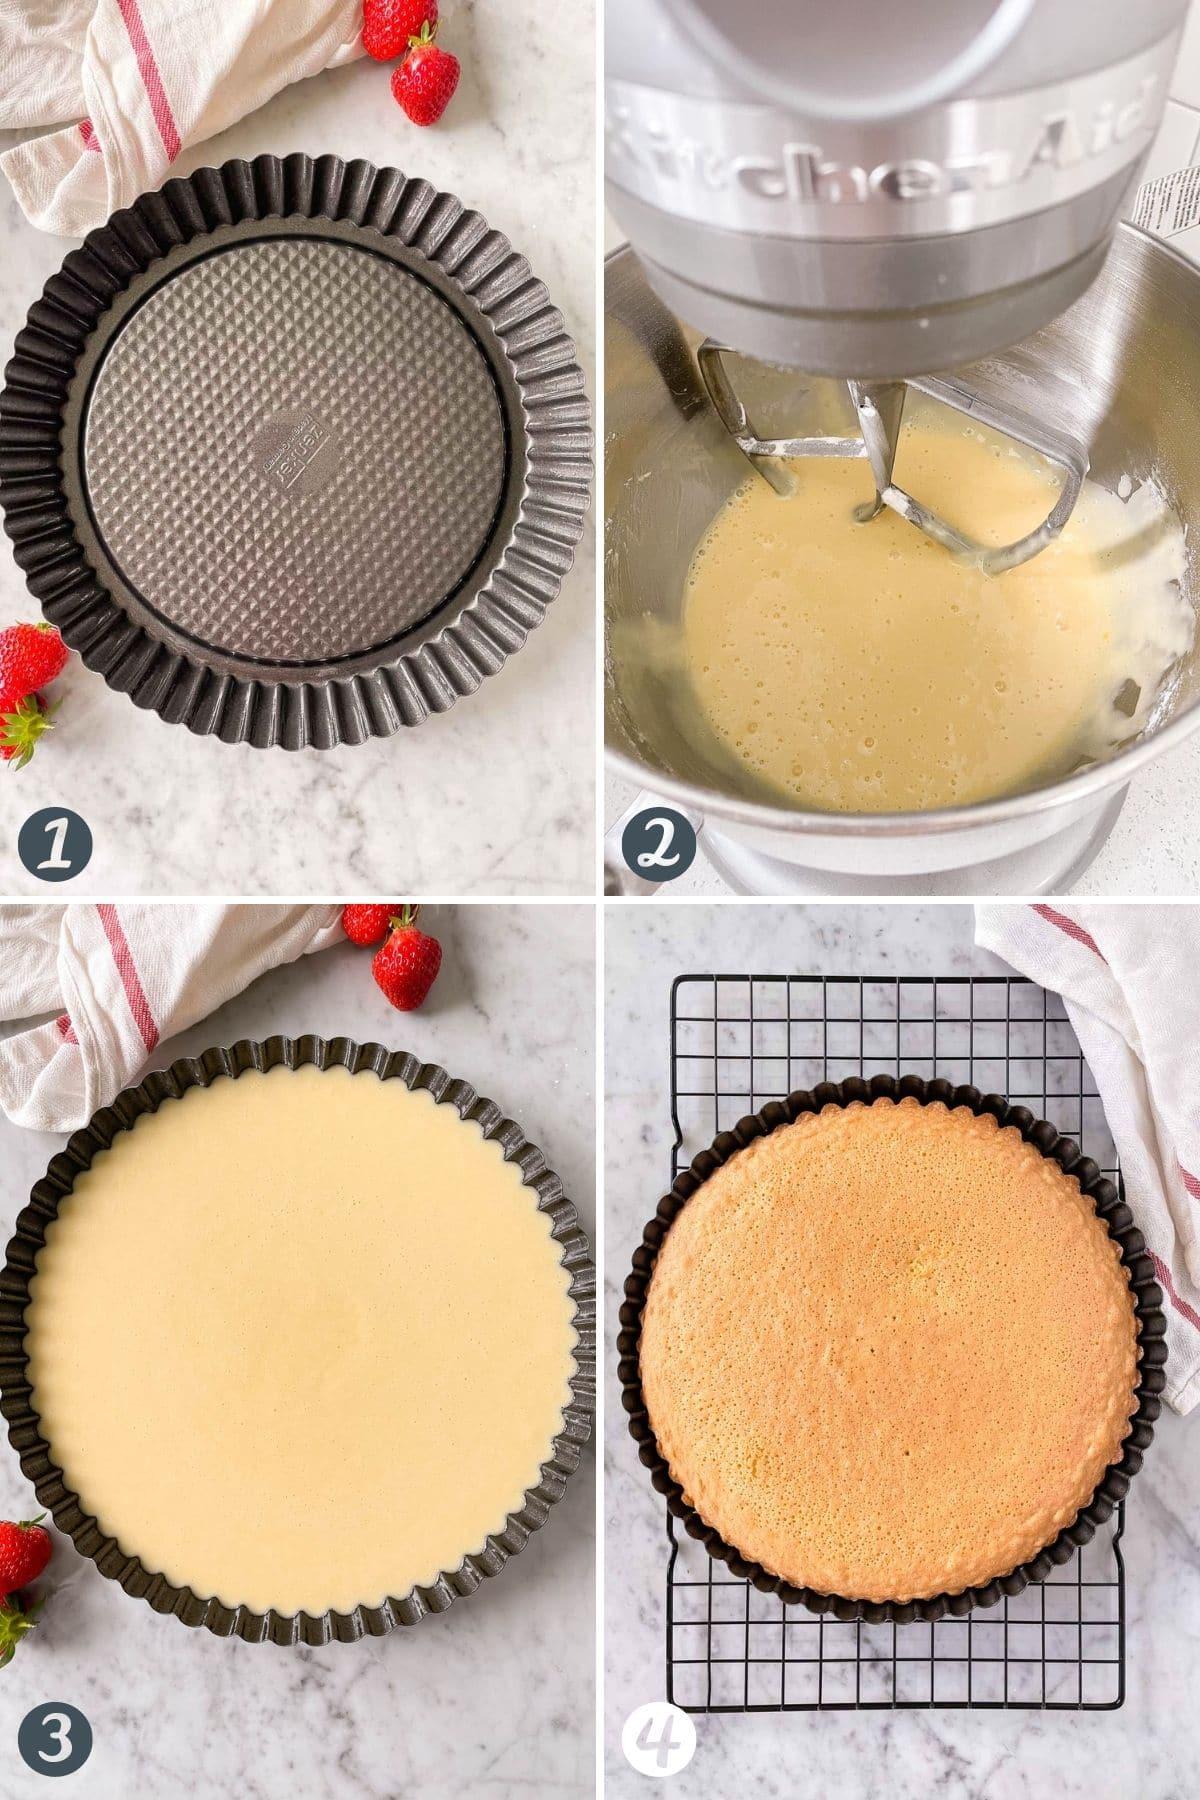 Steps for making a sponge cake